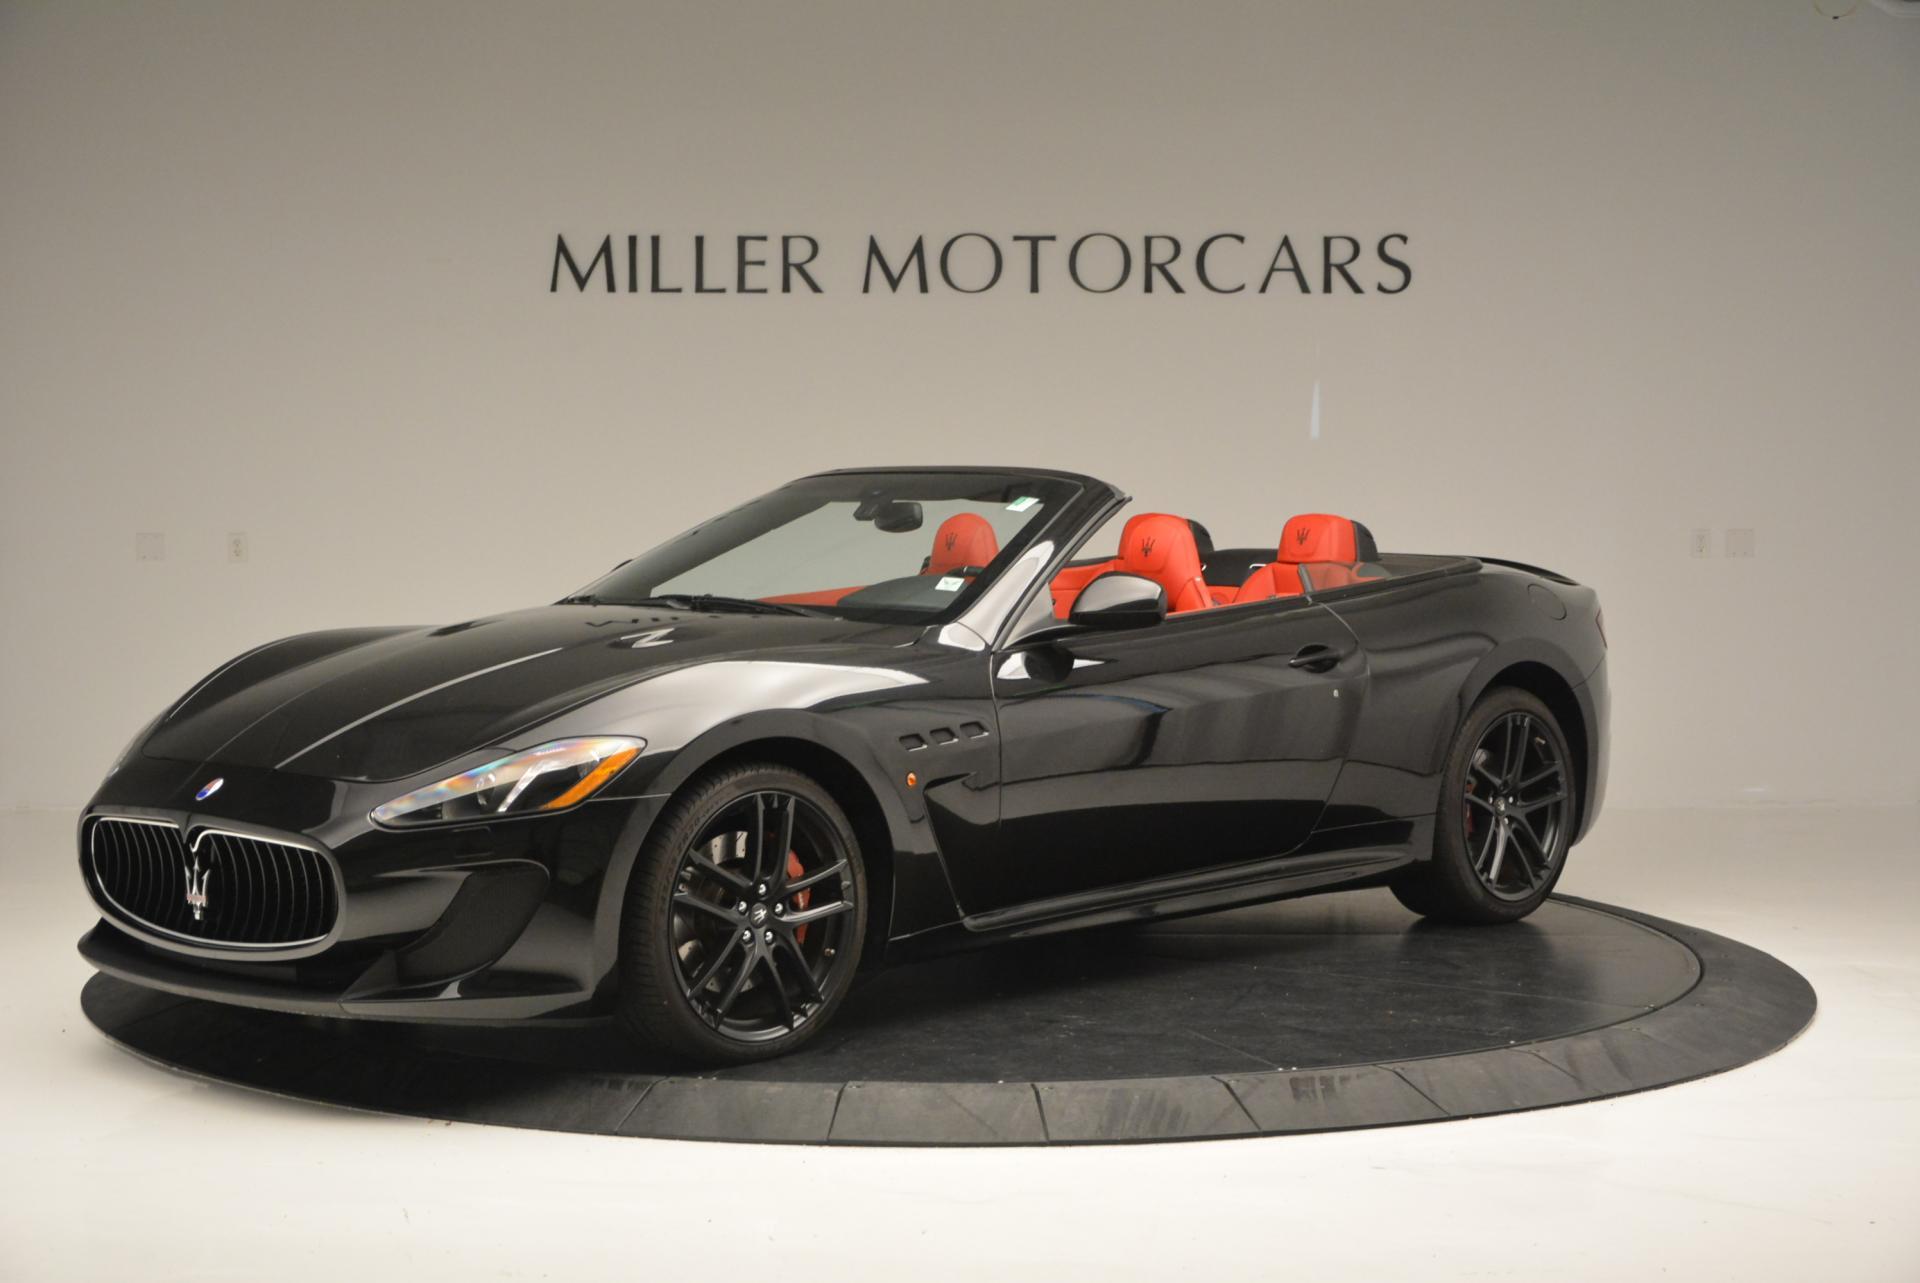 Used 2013 Maserati GranTurismo MC For Sale In Greenwich, CT. Alfa Romeo of Greenwich, 7081 521_p2